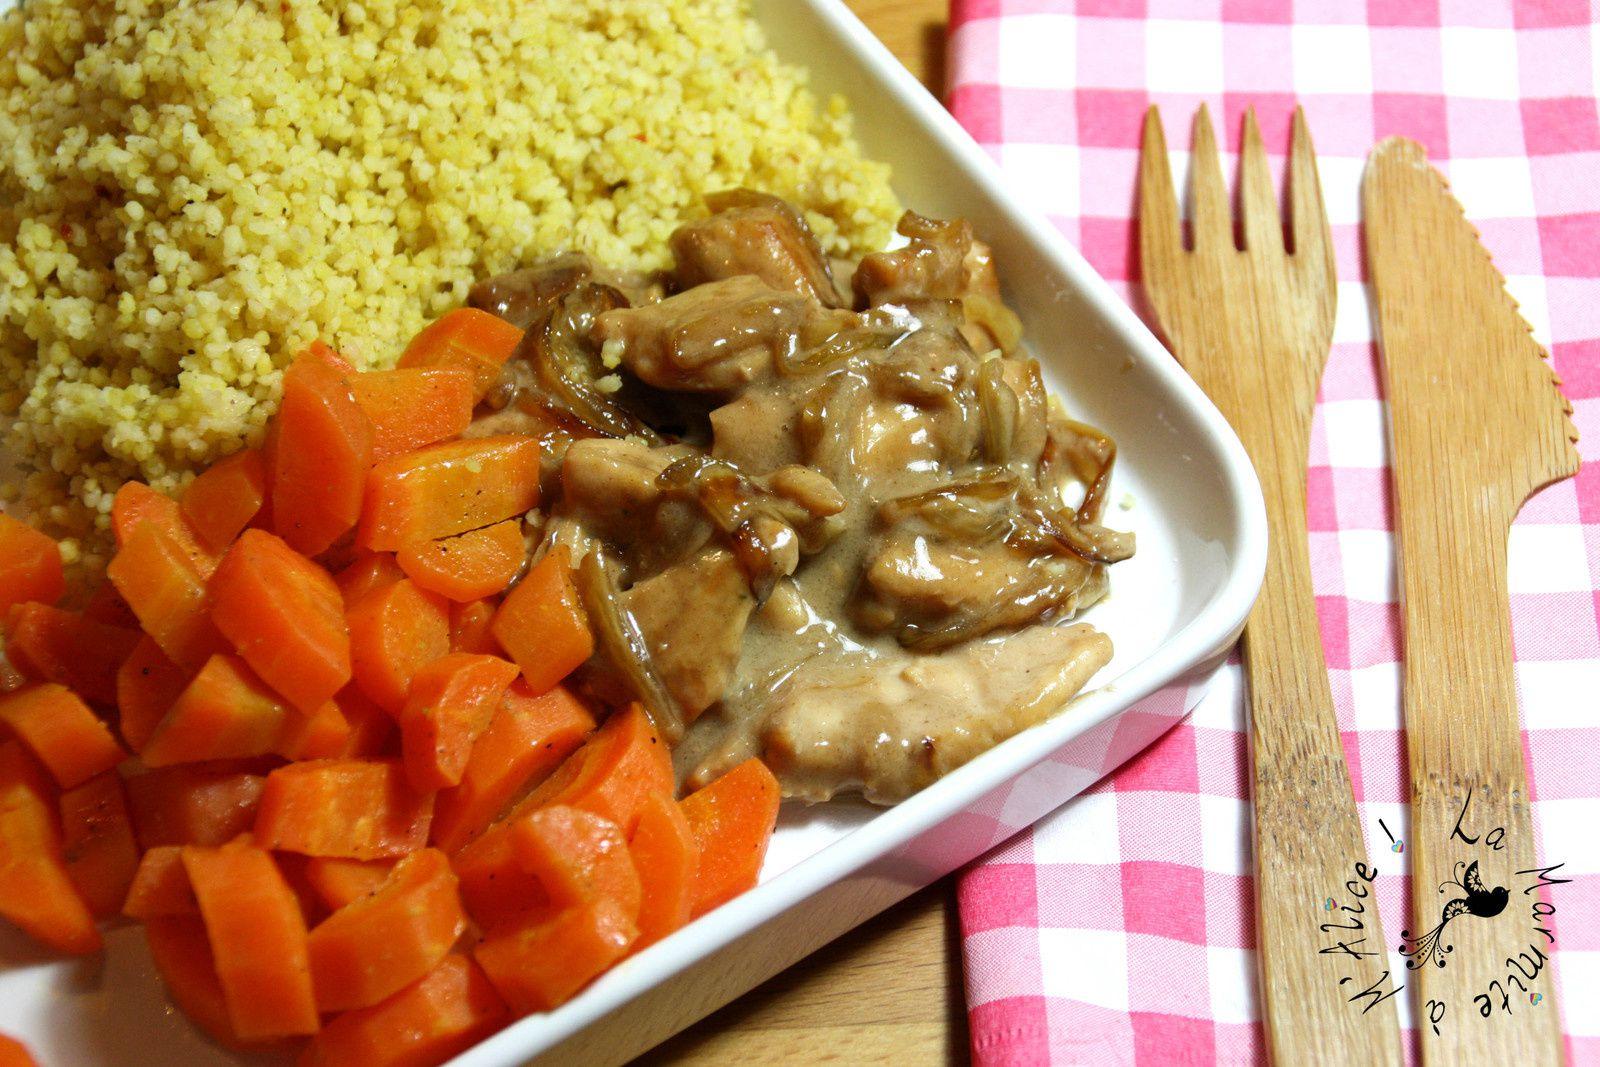 La photo ne rend pas forcément justice au plat mais bloguer ou manger chaud il faut choisir :D